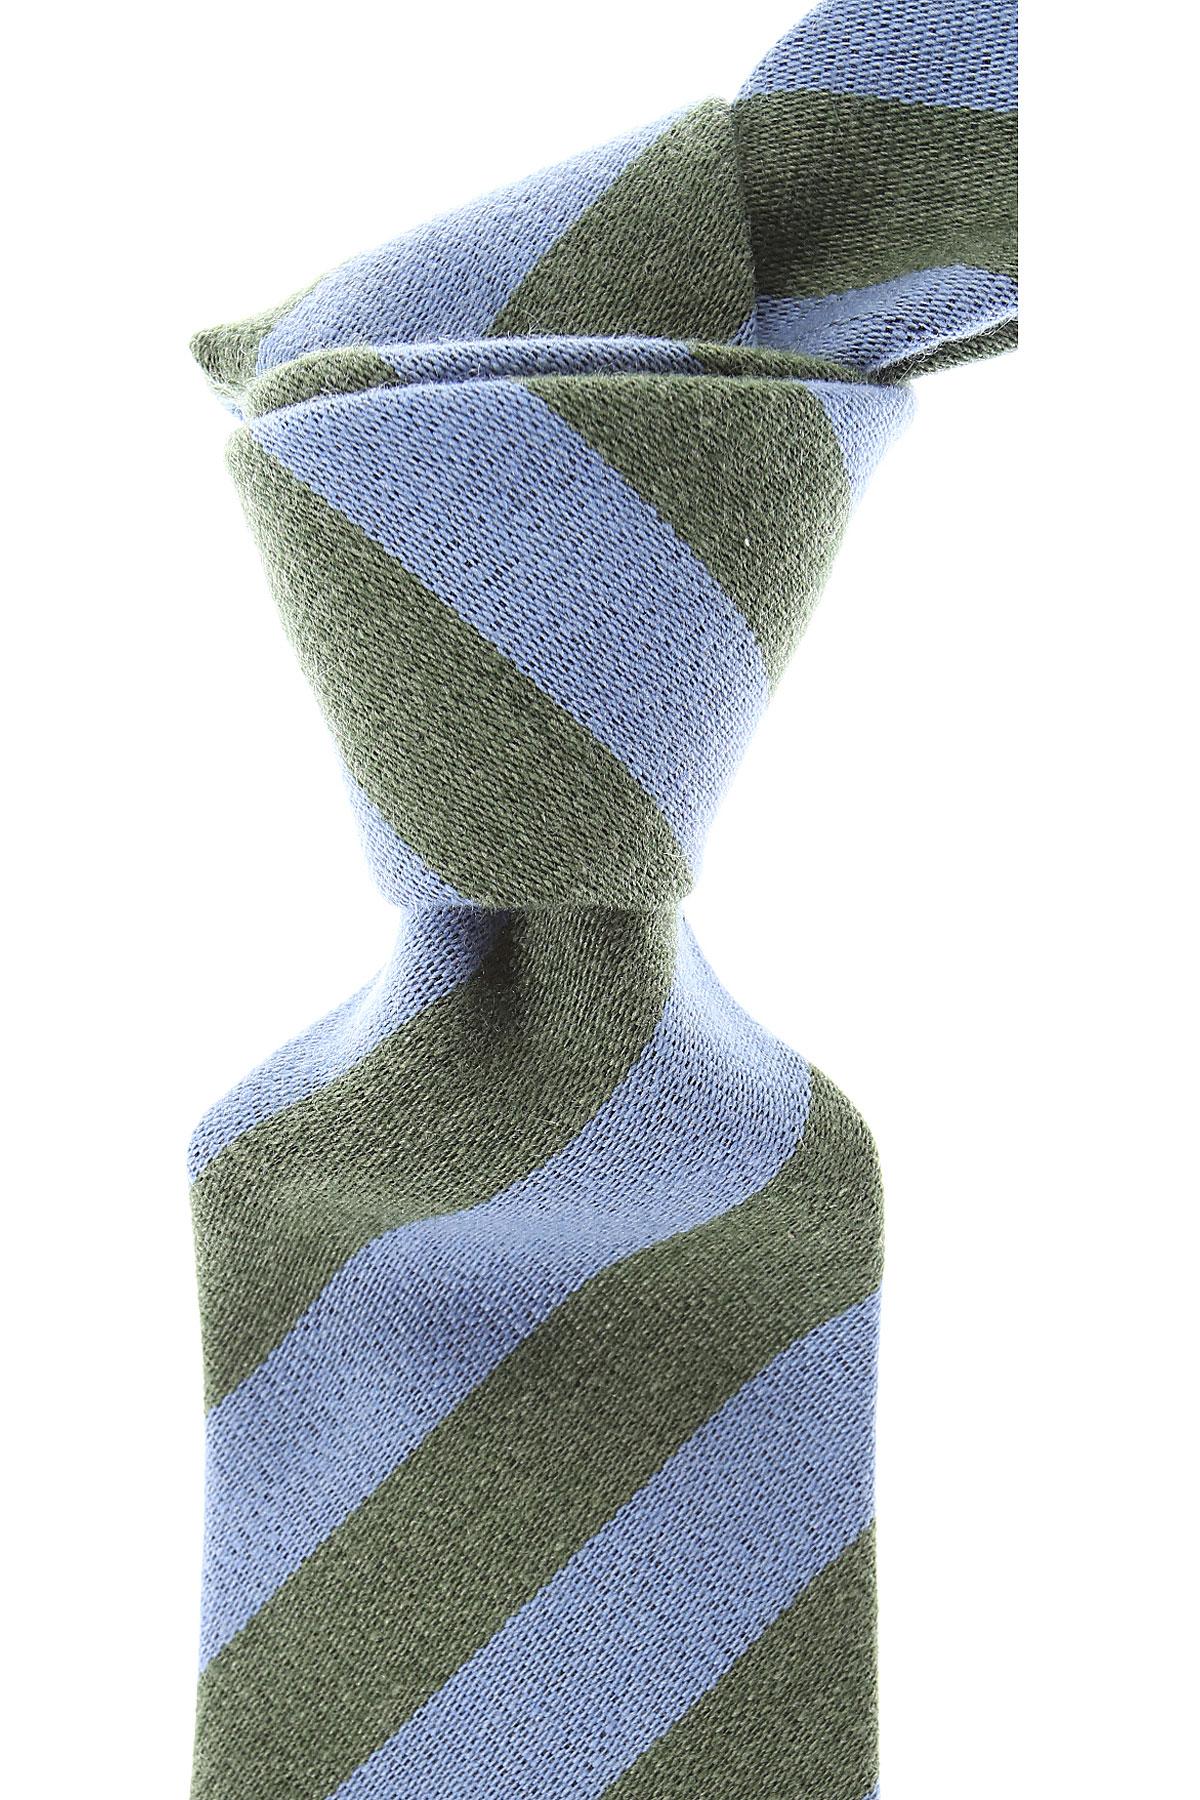 Moschino Cravates Pas cher en Soldes, Ciel, Laine, 2021